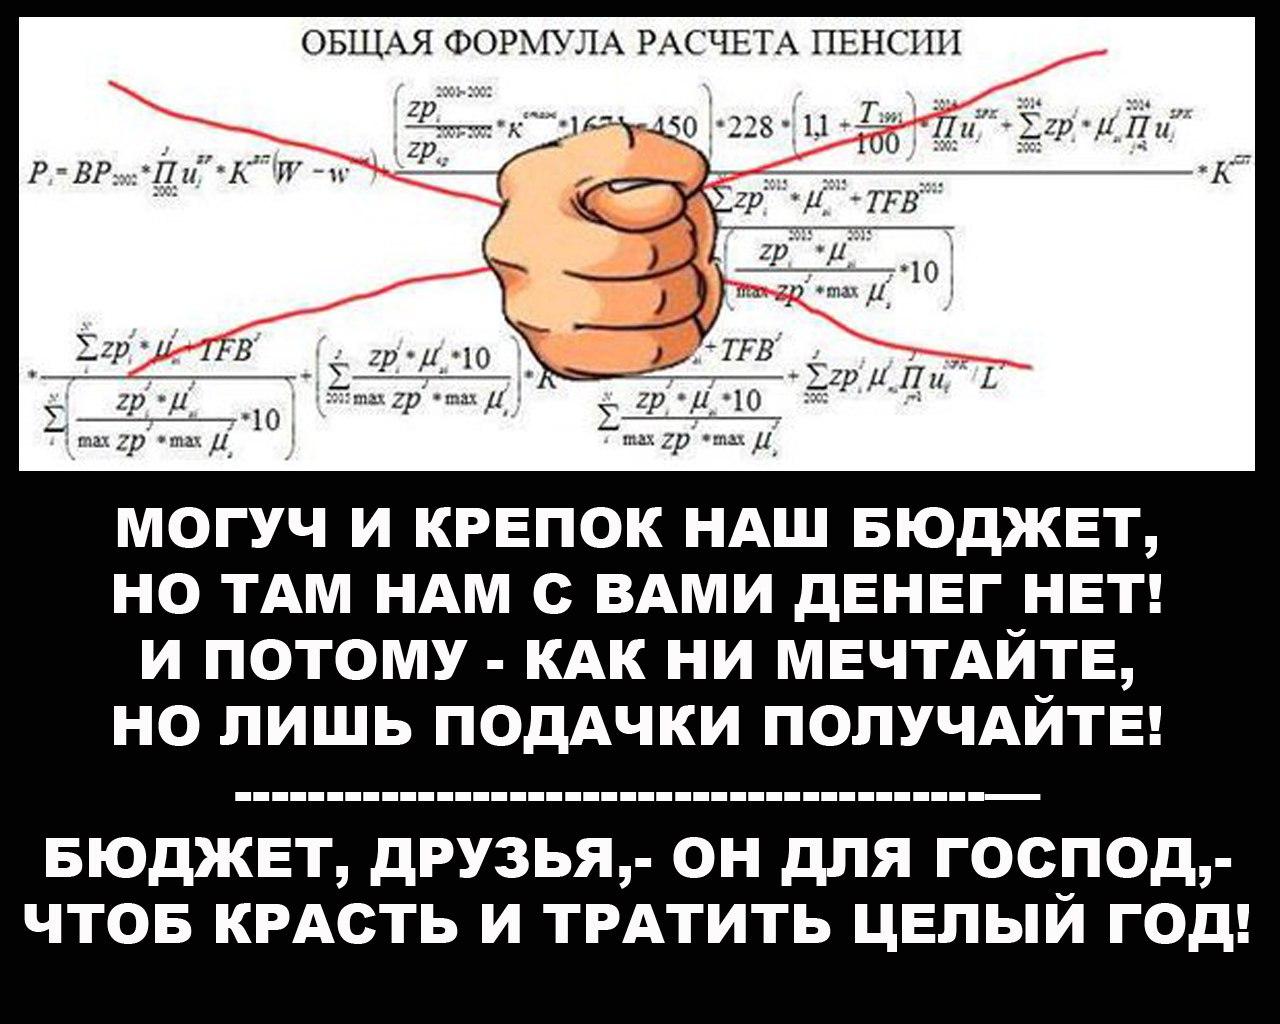 https://pp.vk.me/c625731/v625731087/46e8d/2bTIGVw4i6w.jpg height=650